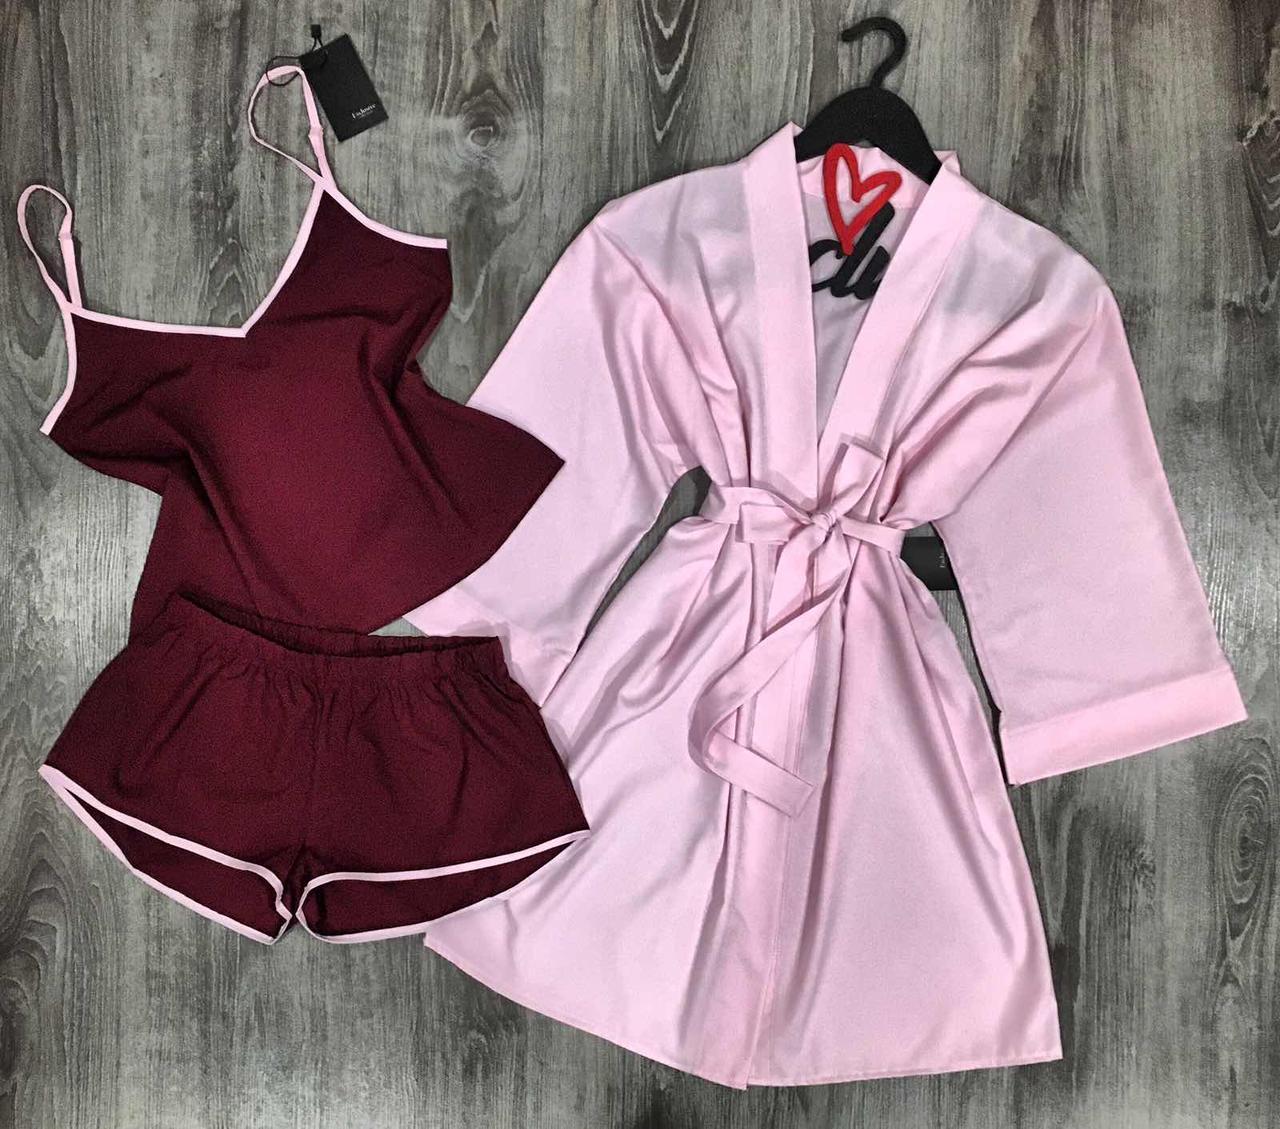 Модний набір одягу для дому халат+майка+шорти.